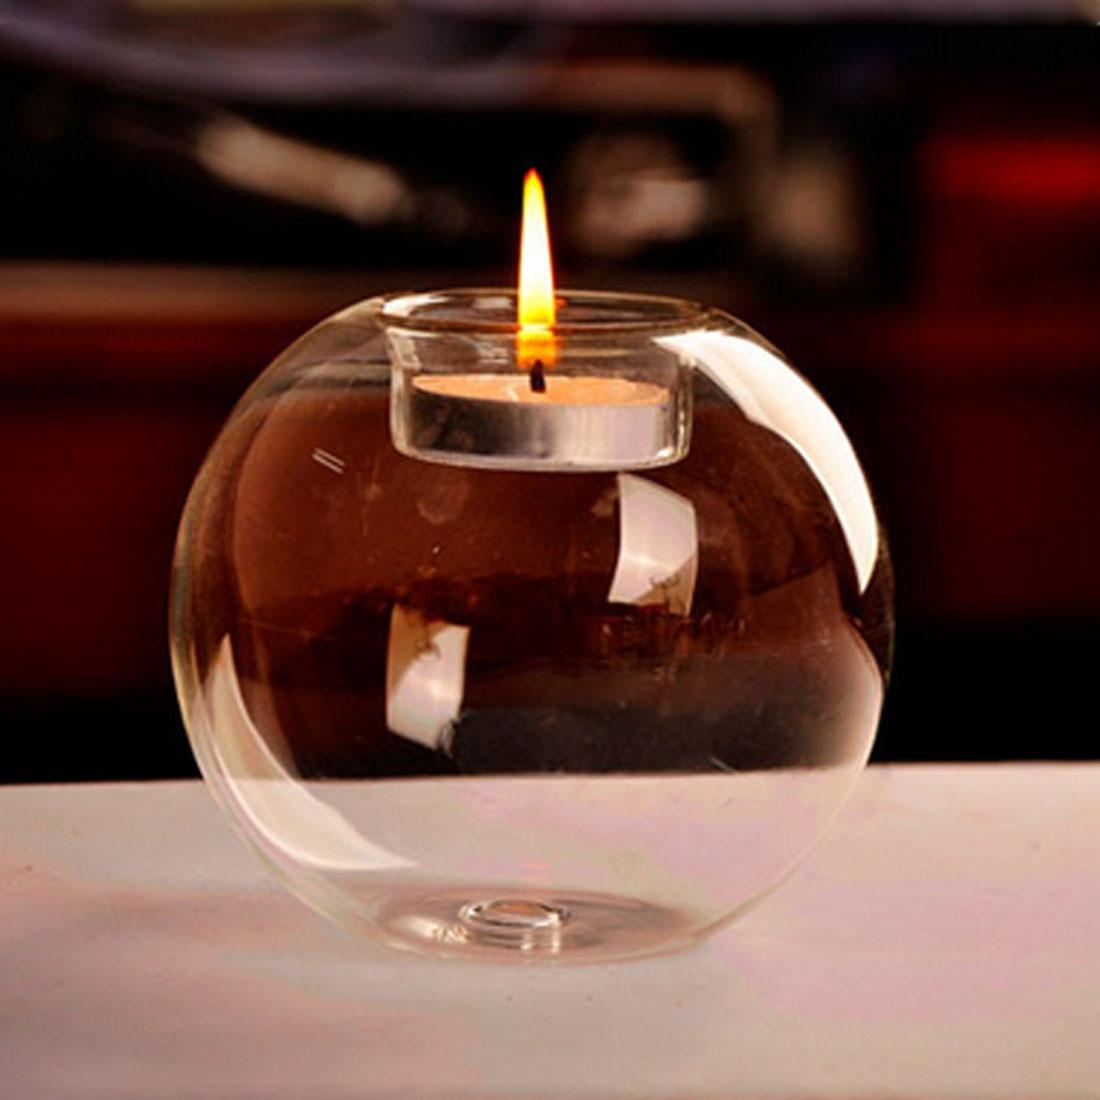 Sammlung Hier Tragbare Transparent Klassische Kristall Glas Kerzenhalter Hochzeit Bar Party Home Decor Kerzenhalter Reich An Poetischer Und Bildlicher Pracht Kerze-zubehör Brieftaschen Und Halter